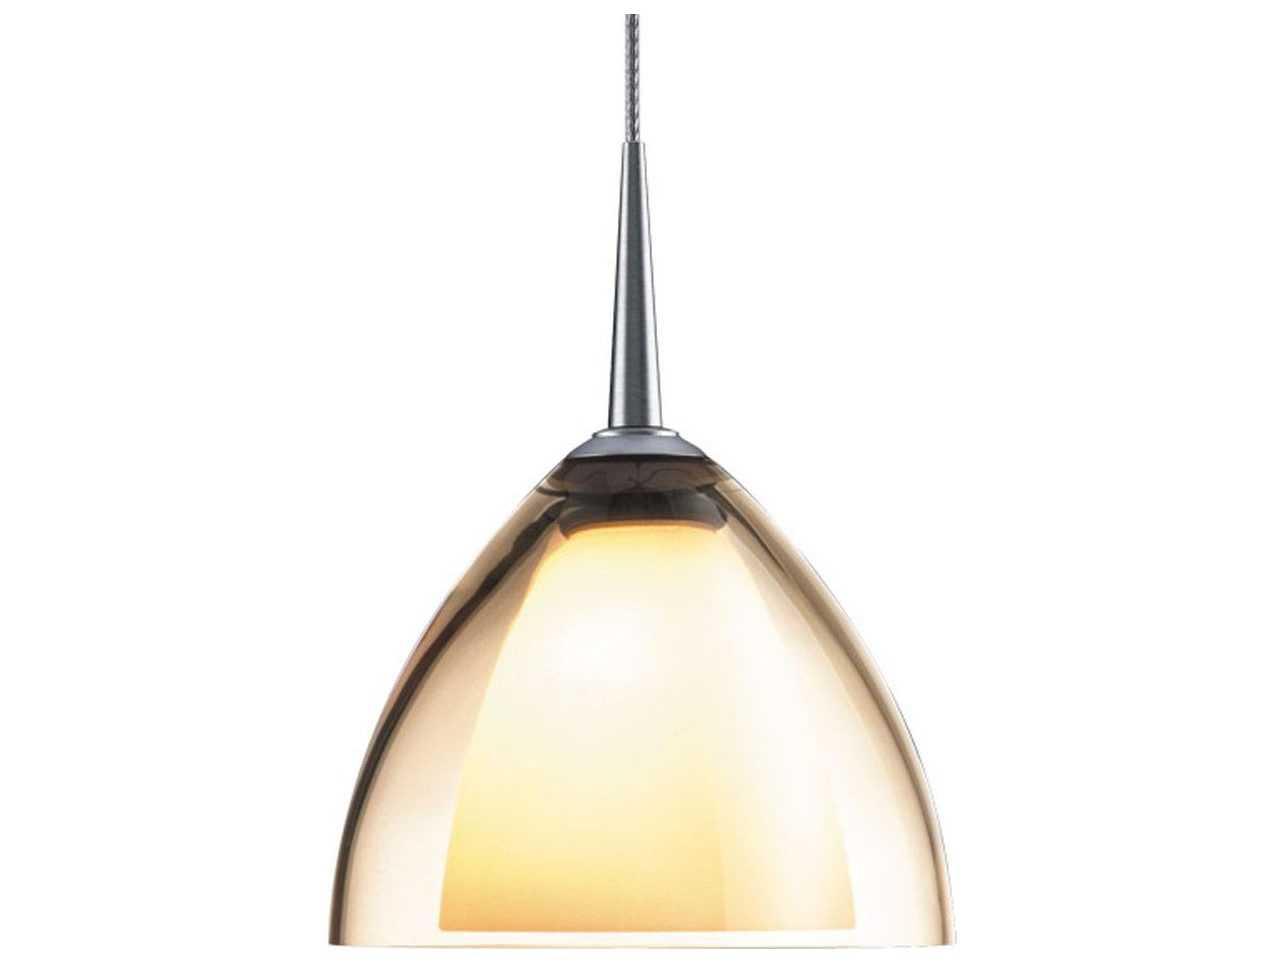 Halogen Mini Pendant Lighting : Bruck lighting rainbow smoky glass wide halogen